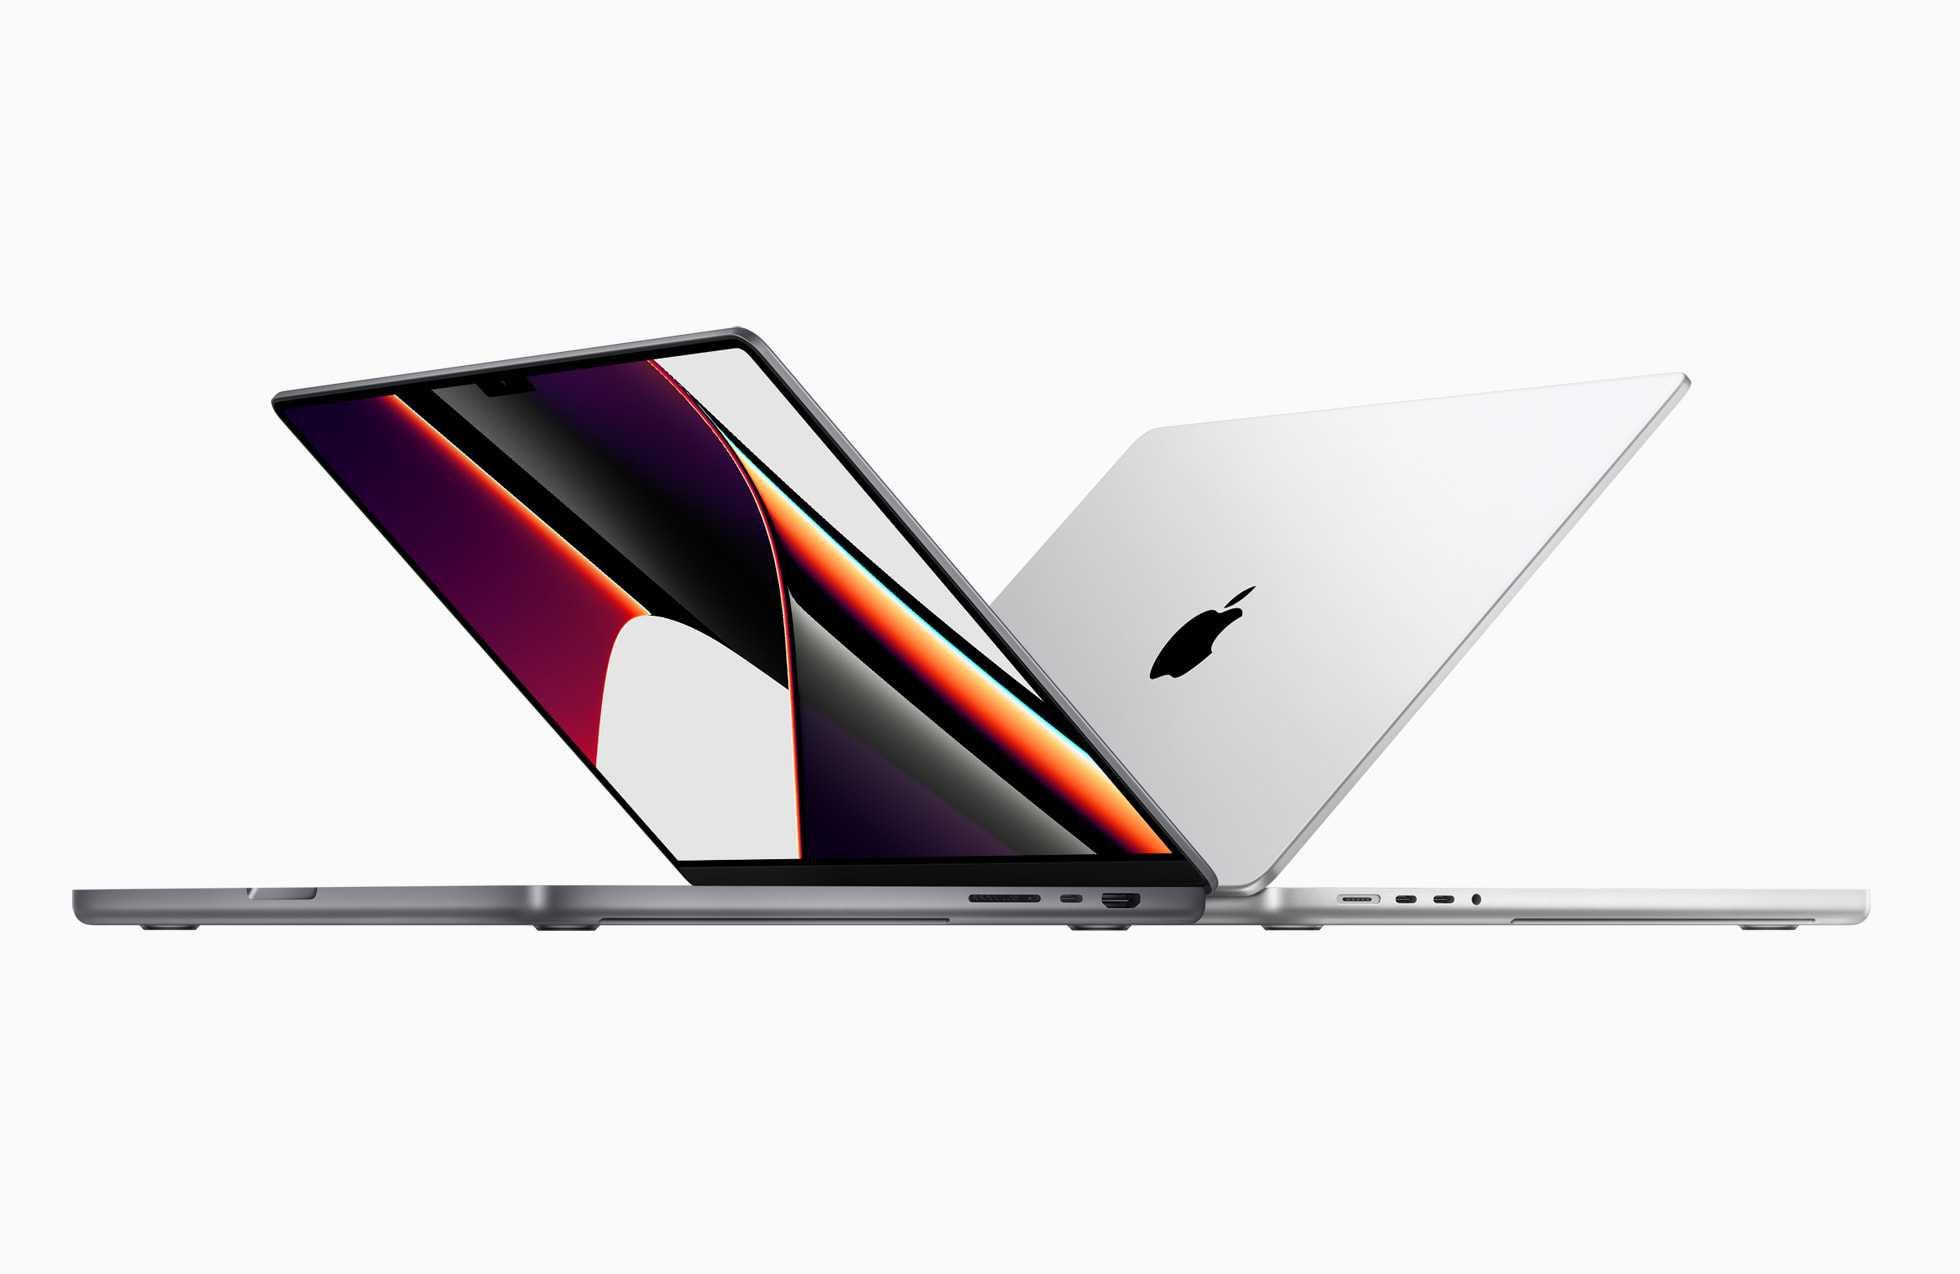 Yeni MacBook Pro 2021 Tanıtıldı! İşte Özellikleri ve Fiyatı